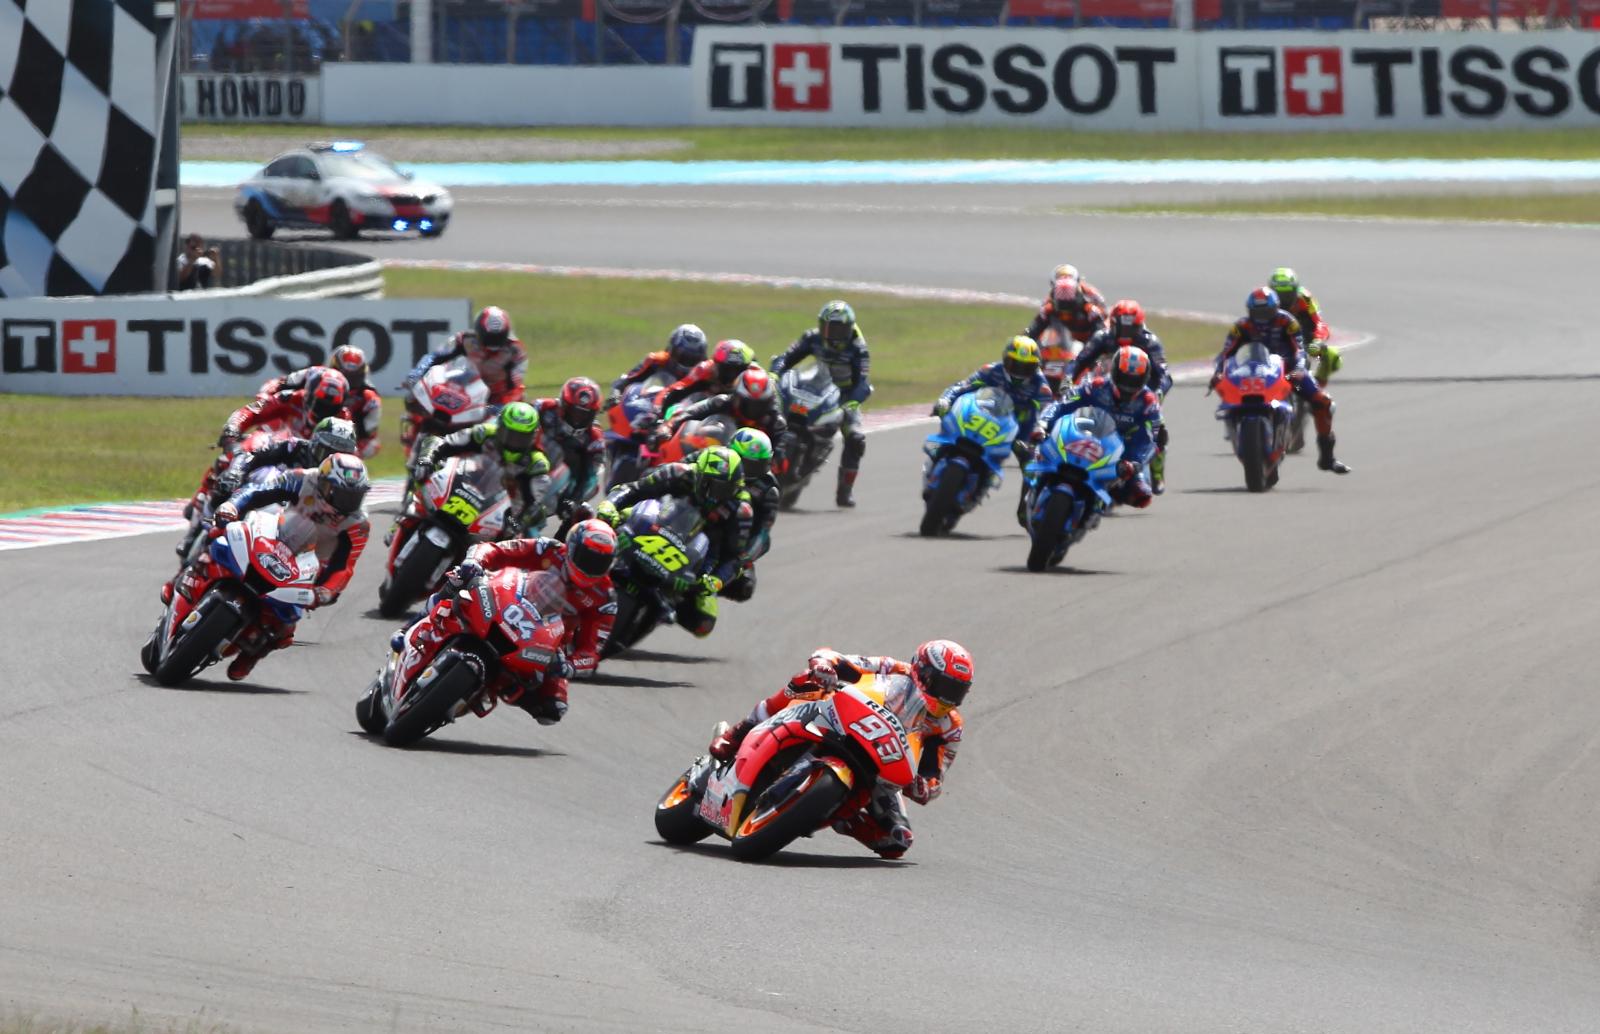 Motocyklowe Grand Prix w Argentynie. Fot. PAP/EPA/NICOLAS JIMENEZ